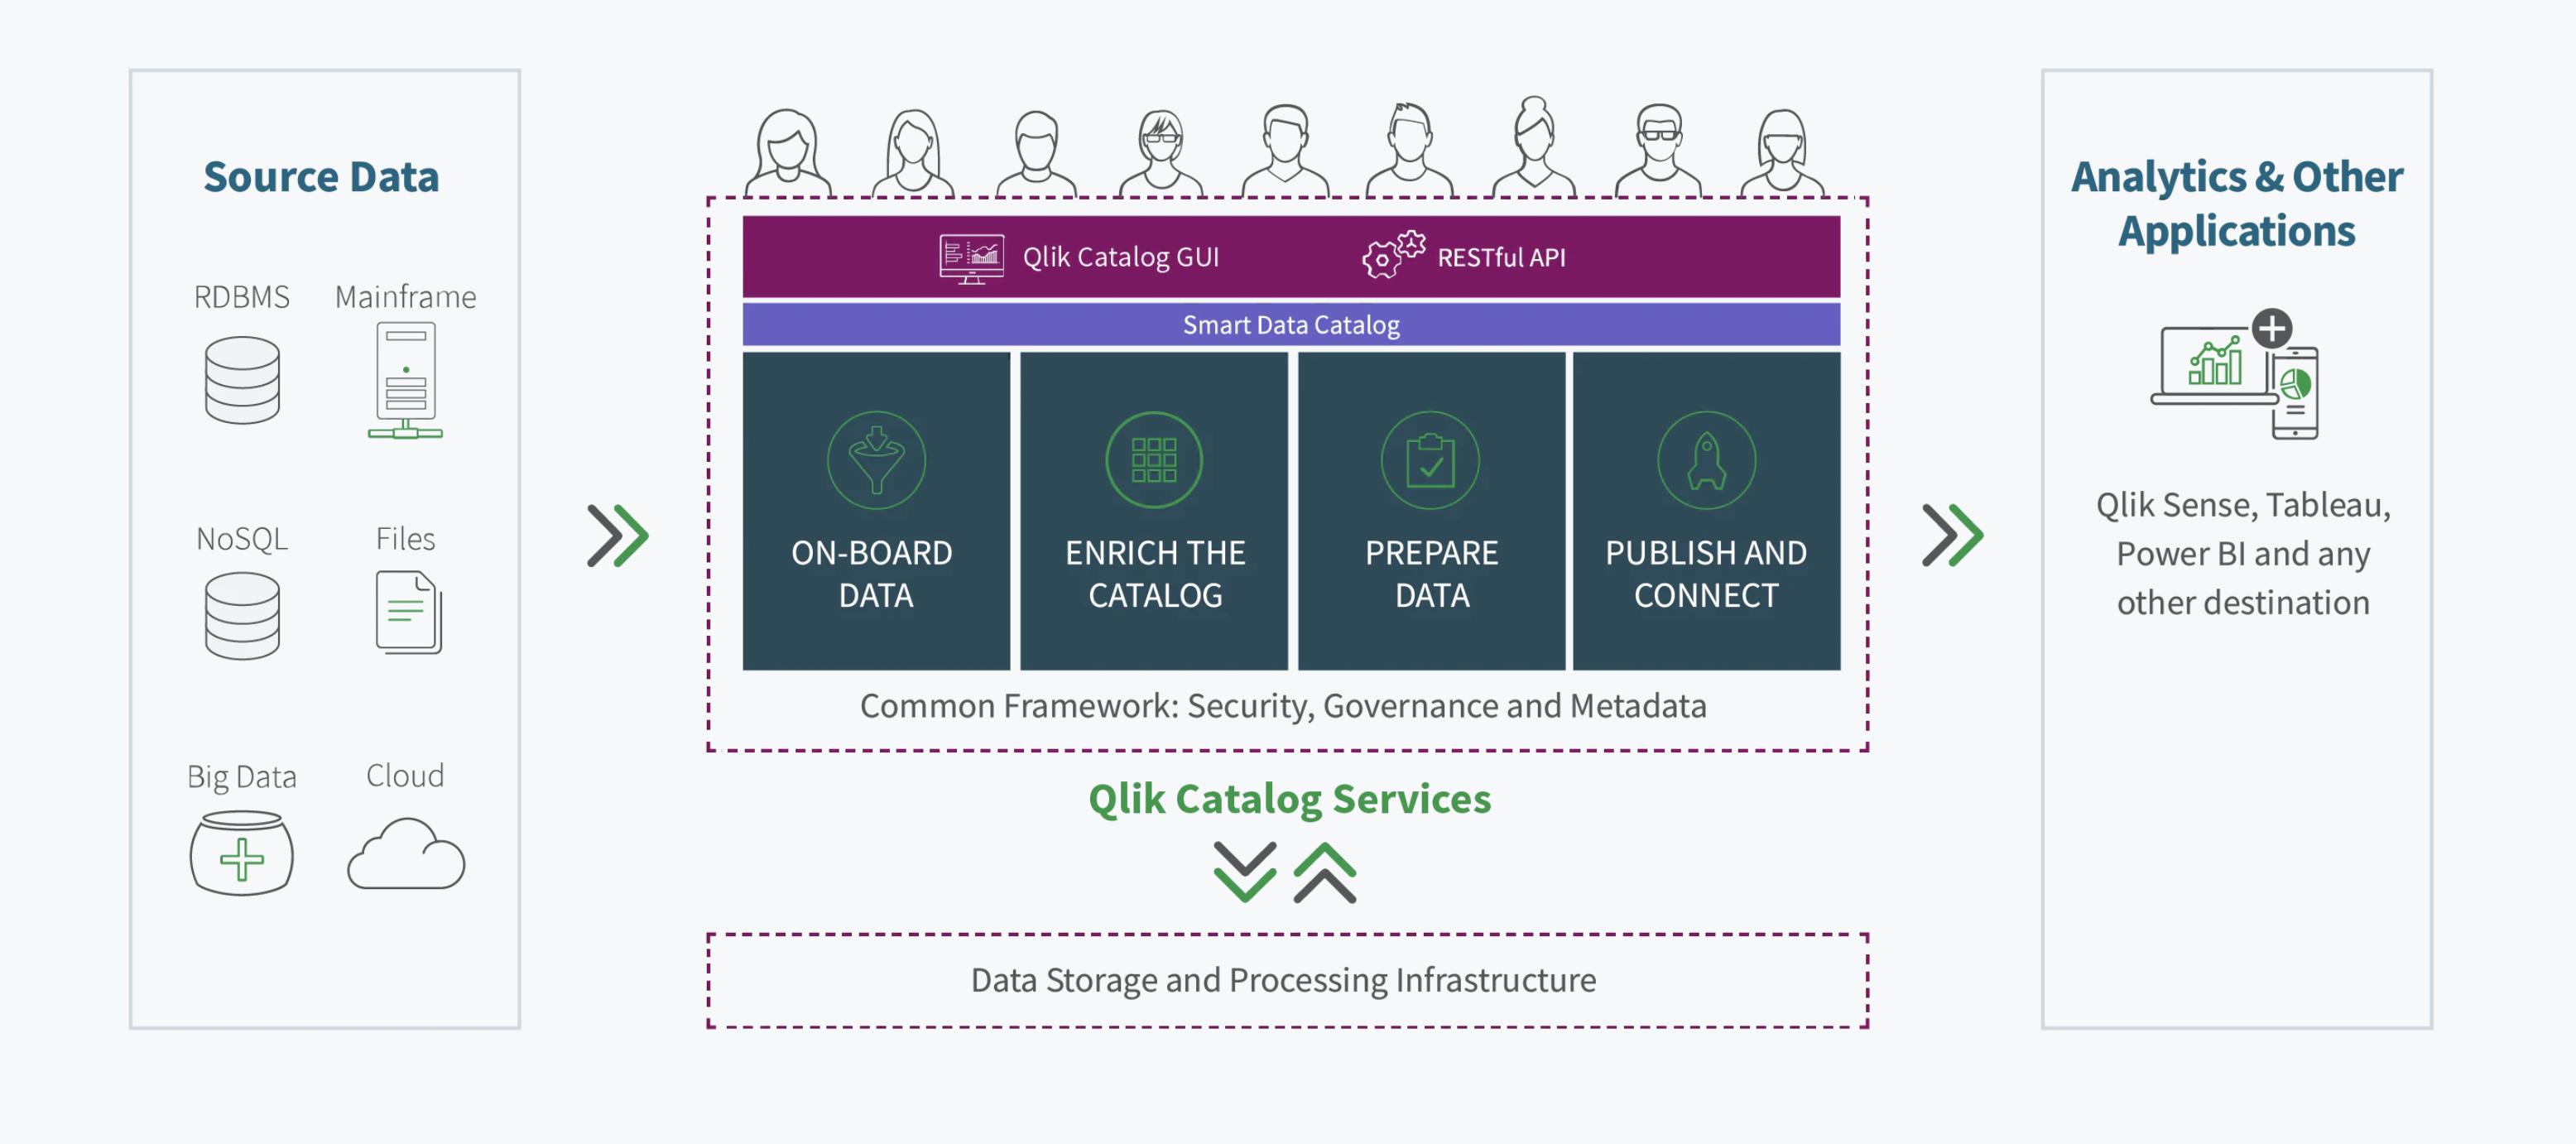 Qlik Catalog